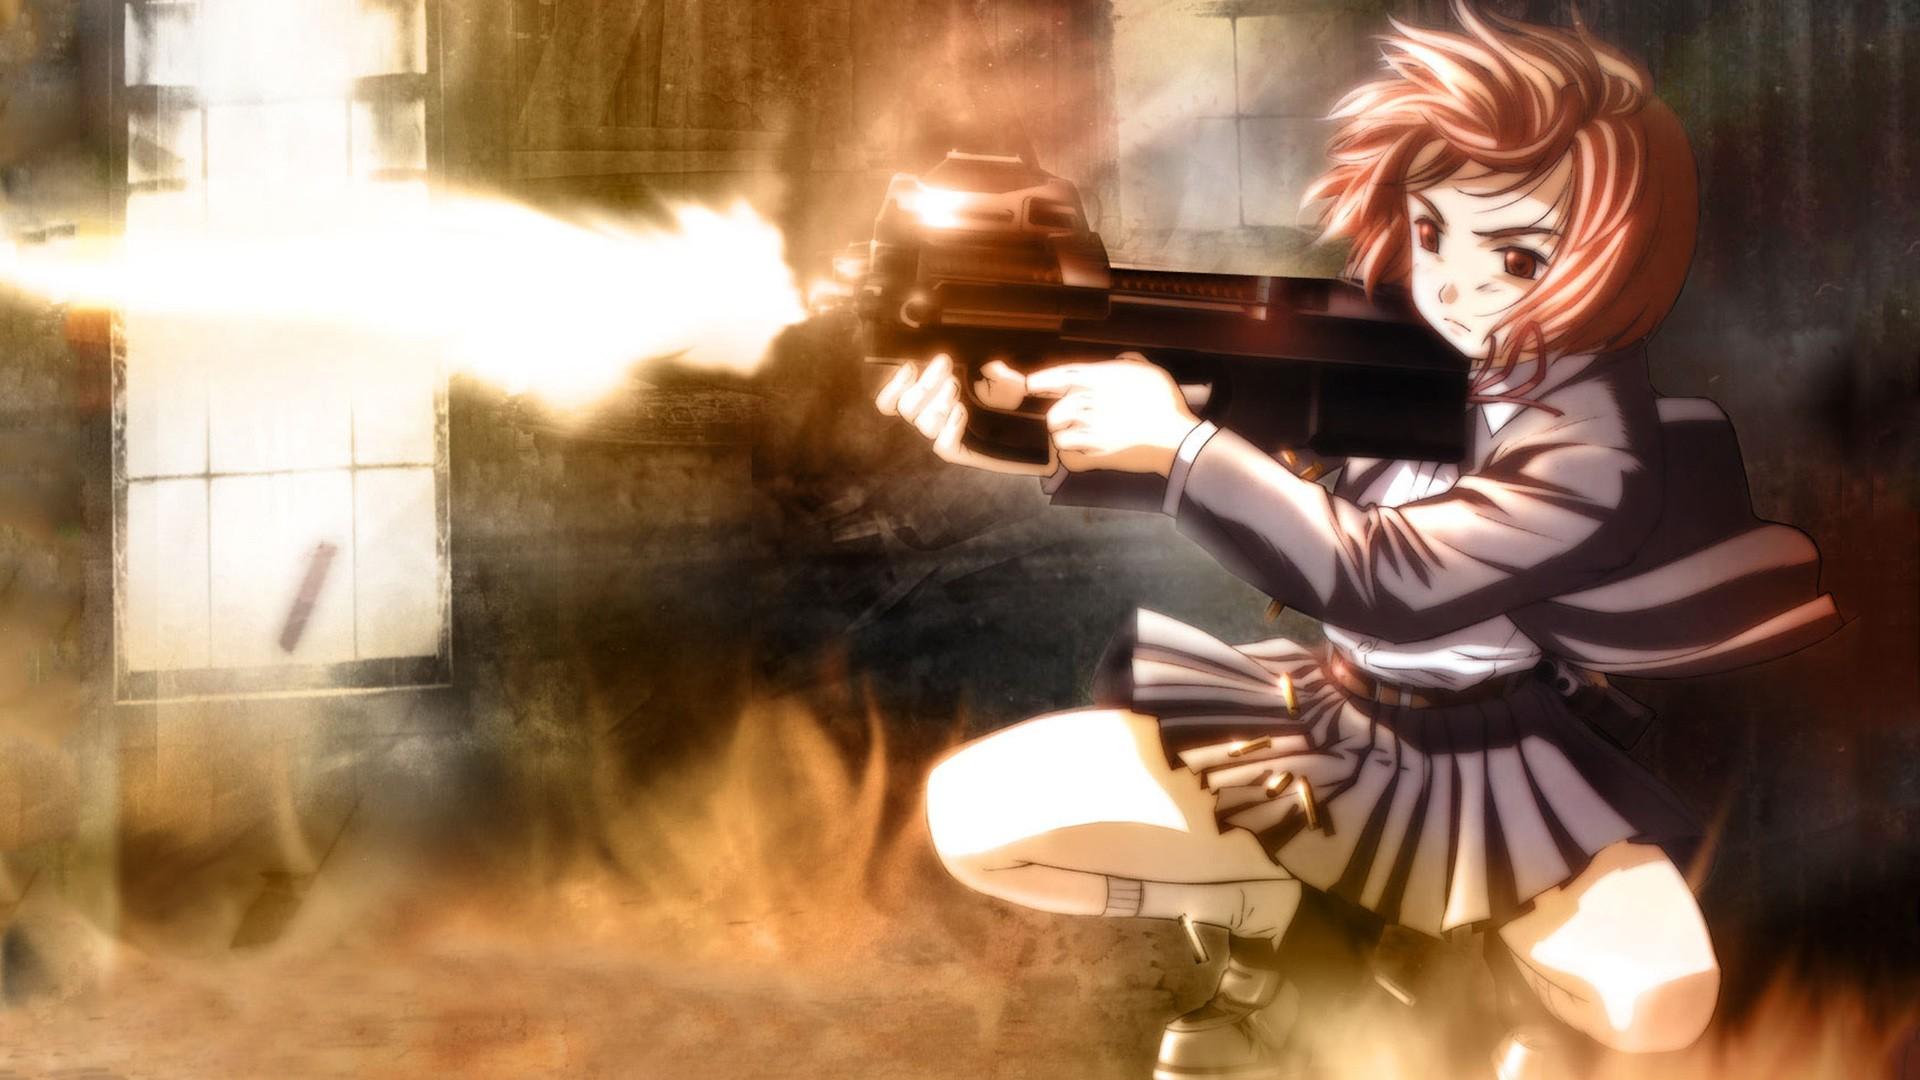 Angels Gunslinger Girl girls with guns anime anime girls ...